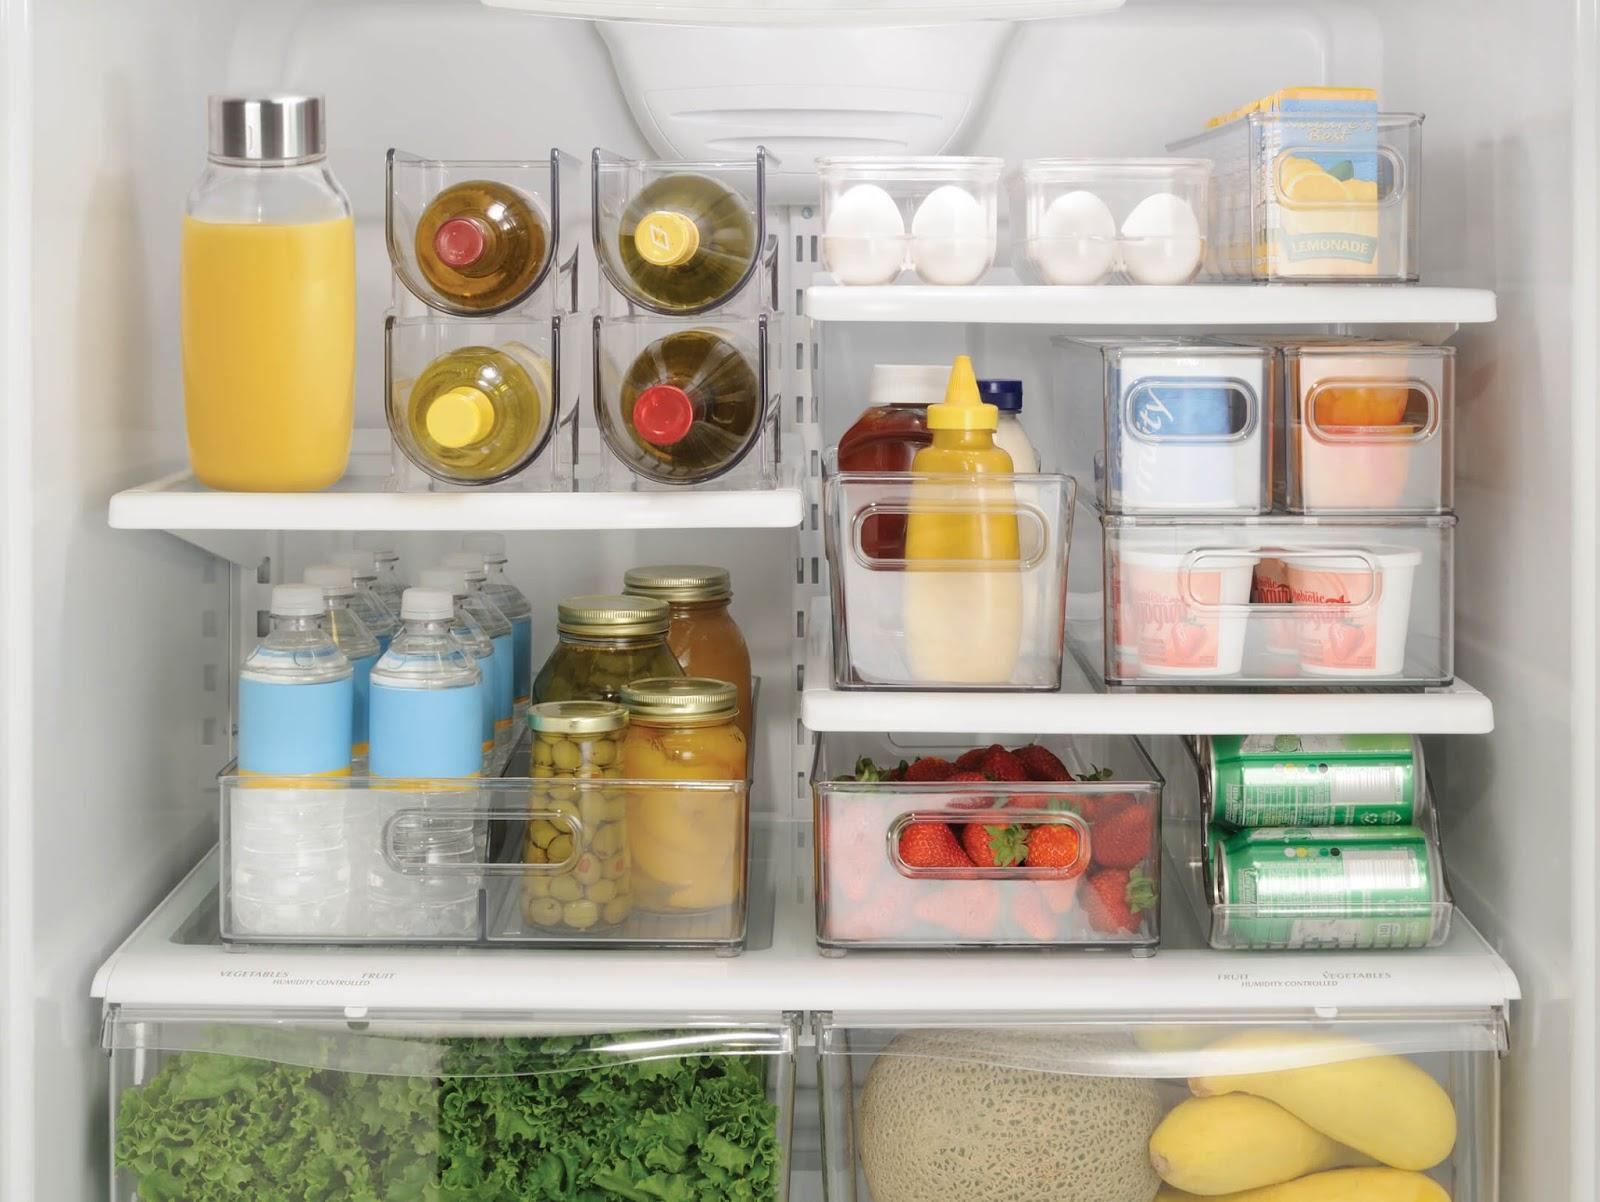 طريقة تنظيم وترتيب الثلاجة بالصور